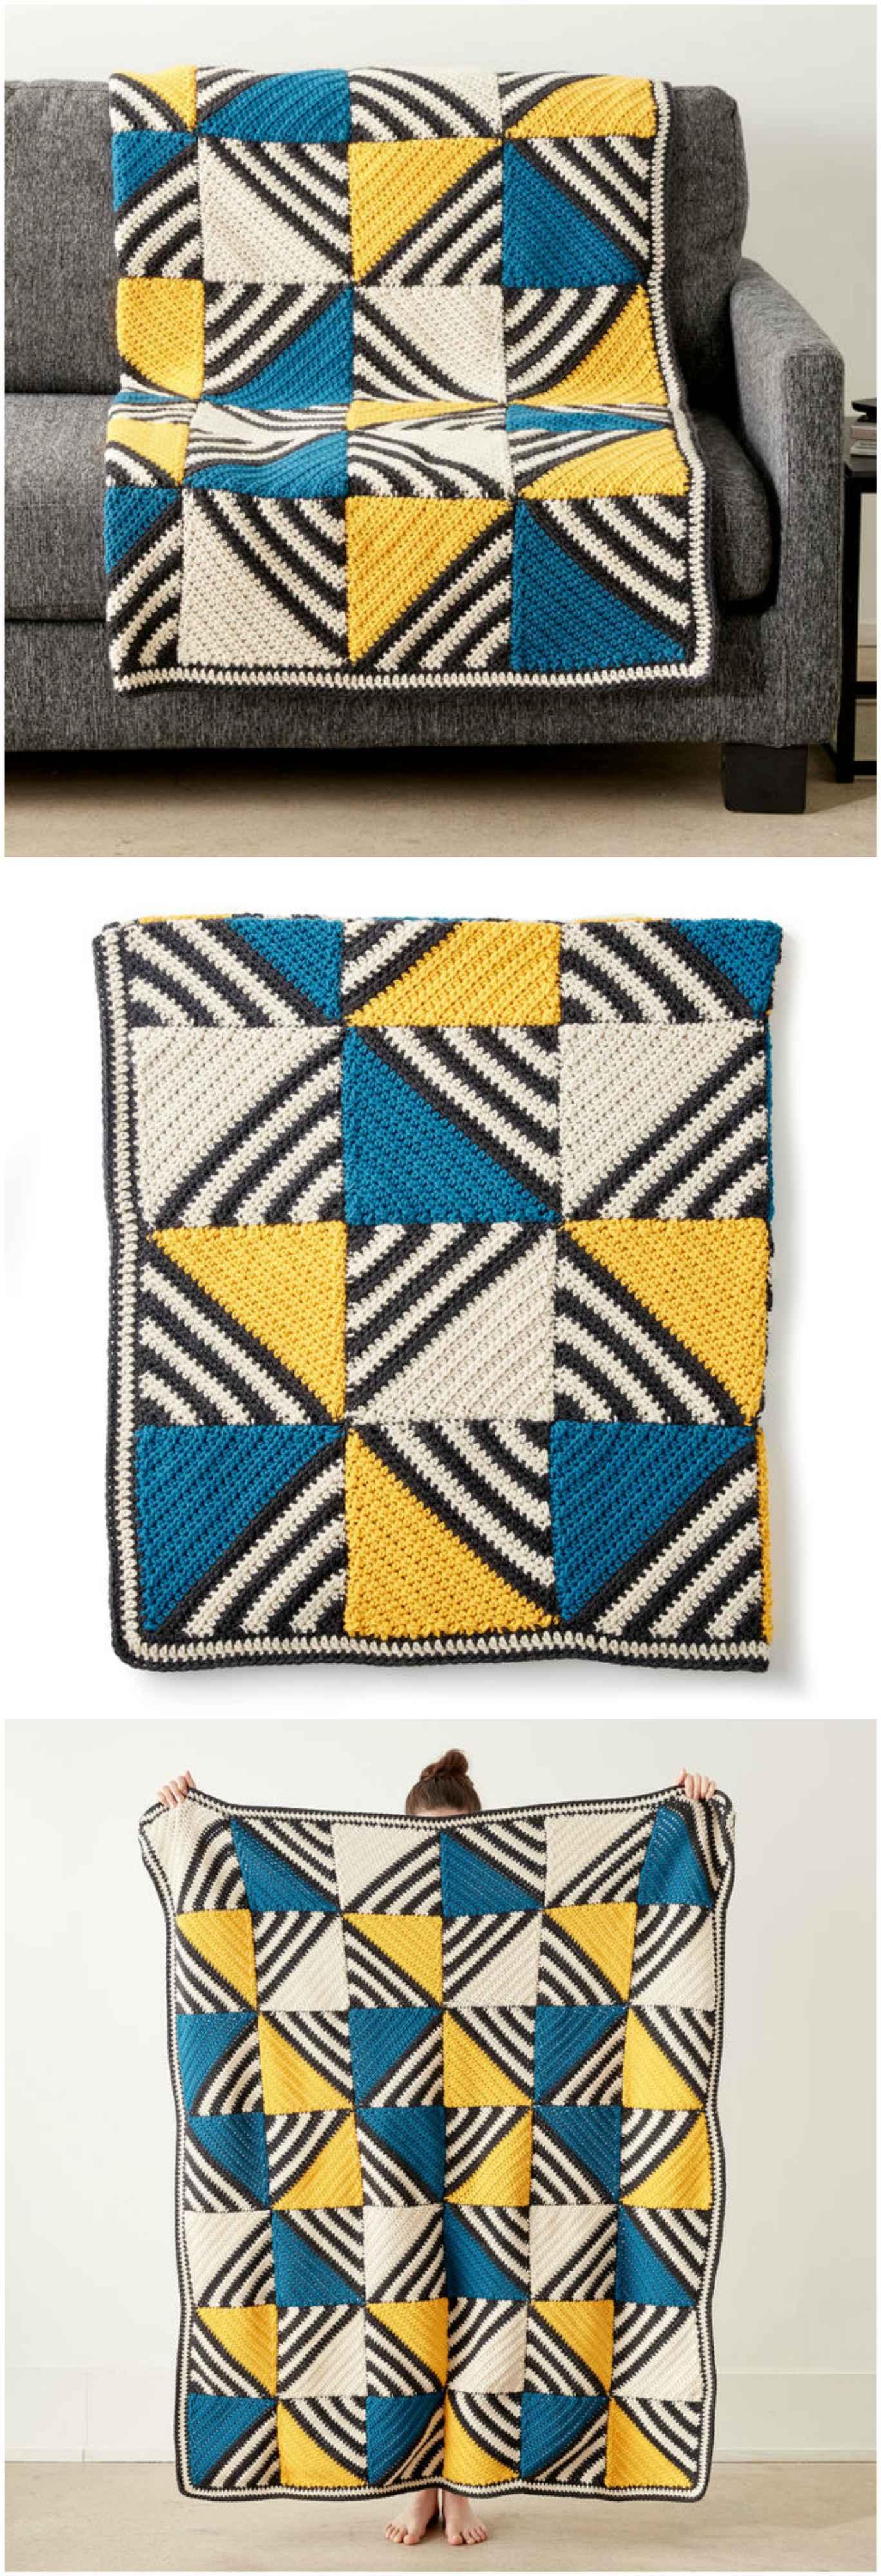 Crochet Tilt A Whirl Afghan – Craft Ideas